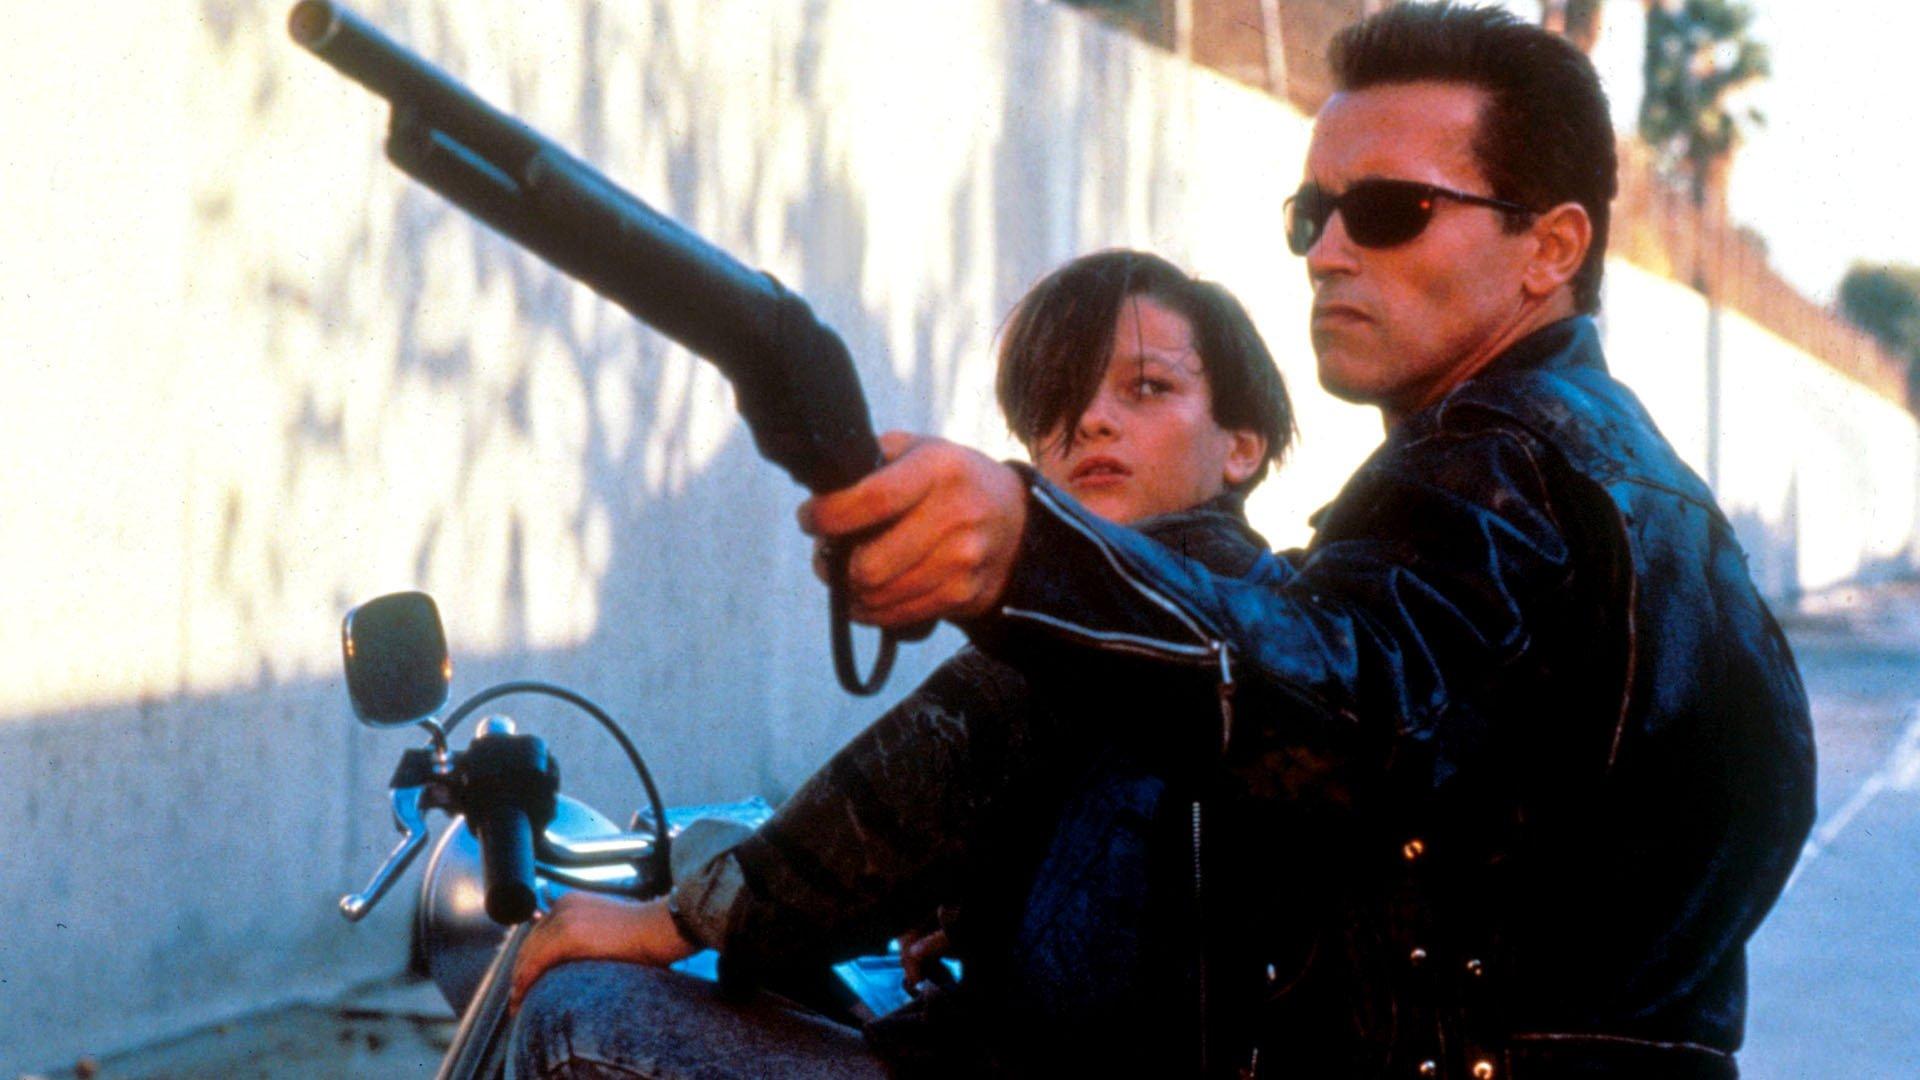 Nurays-Favorite-Summer-Movies-Terminator-2-Judgement-Day